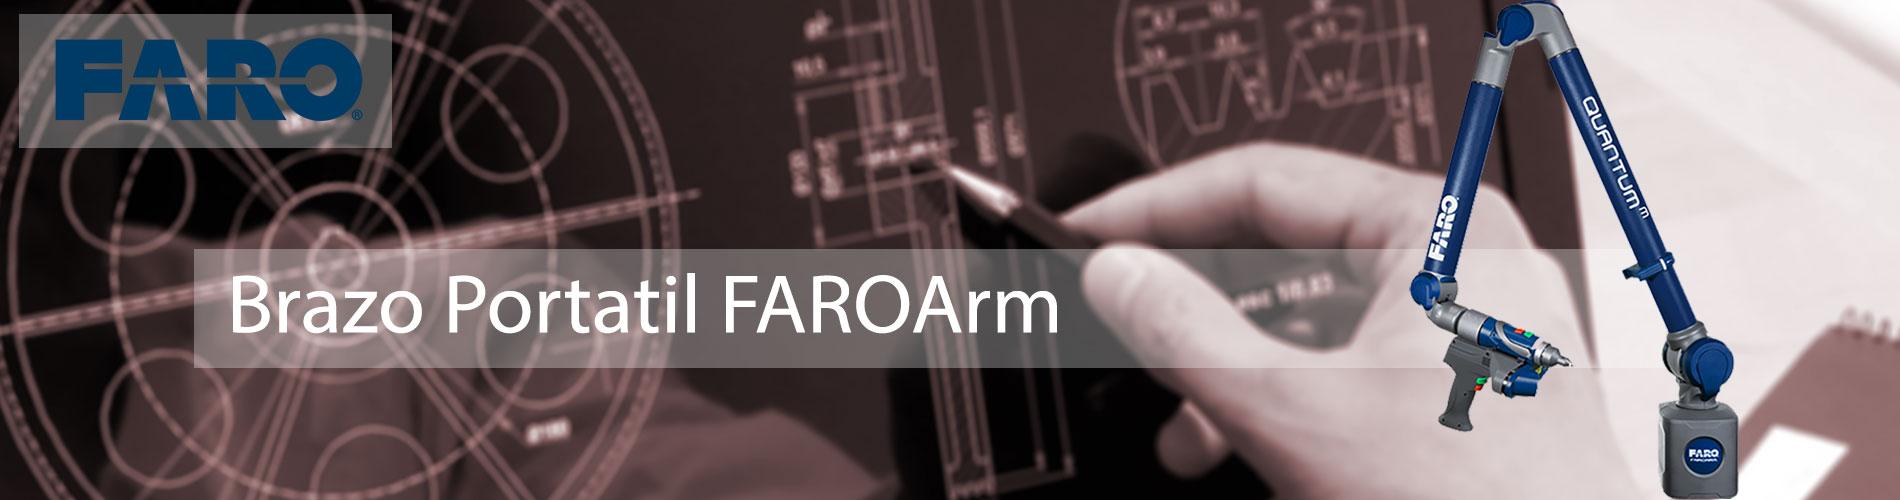 FaroArm